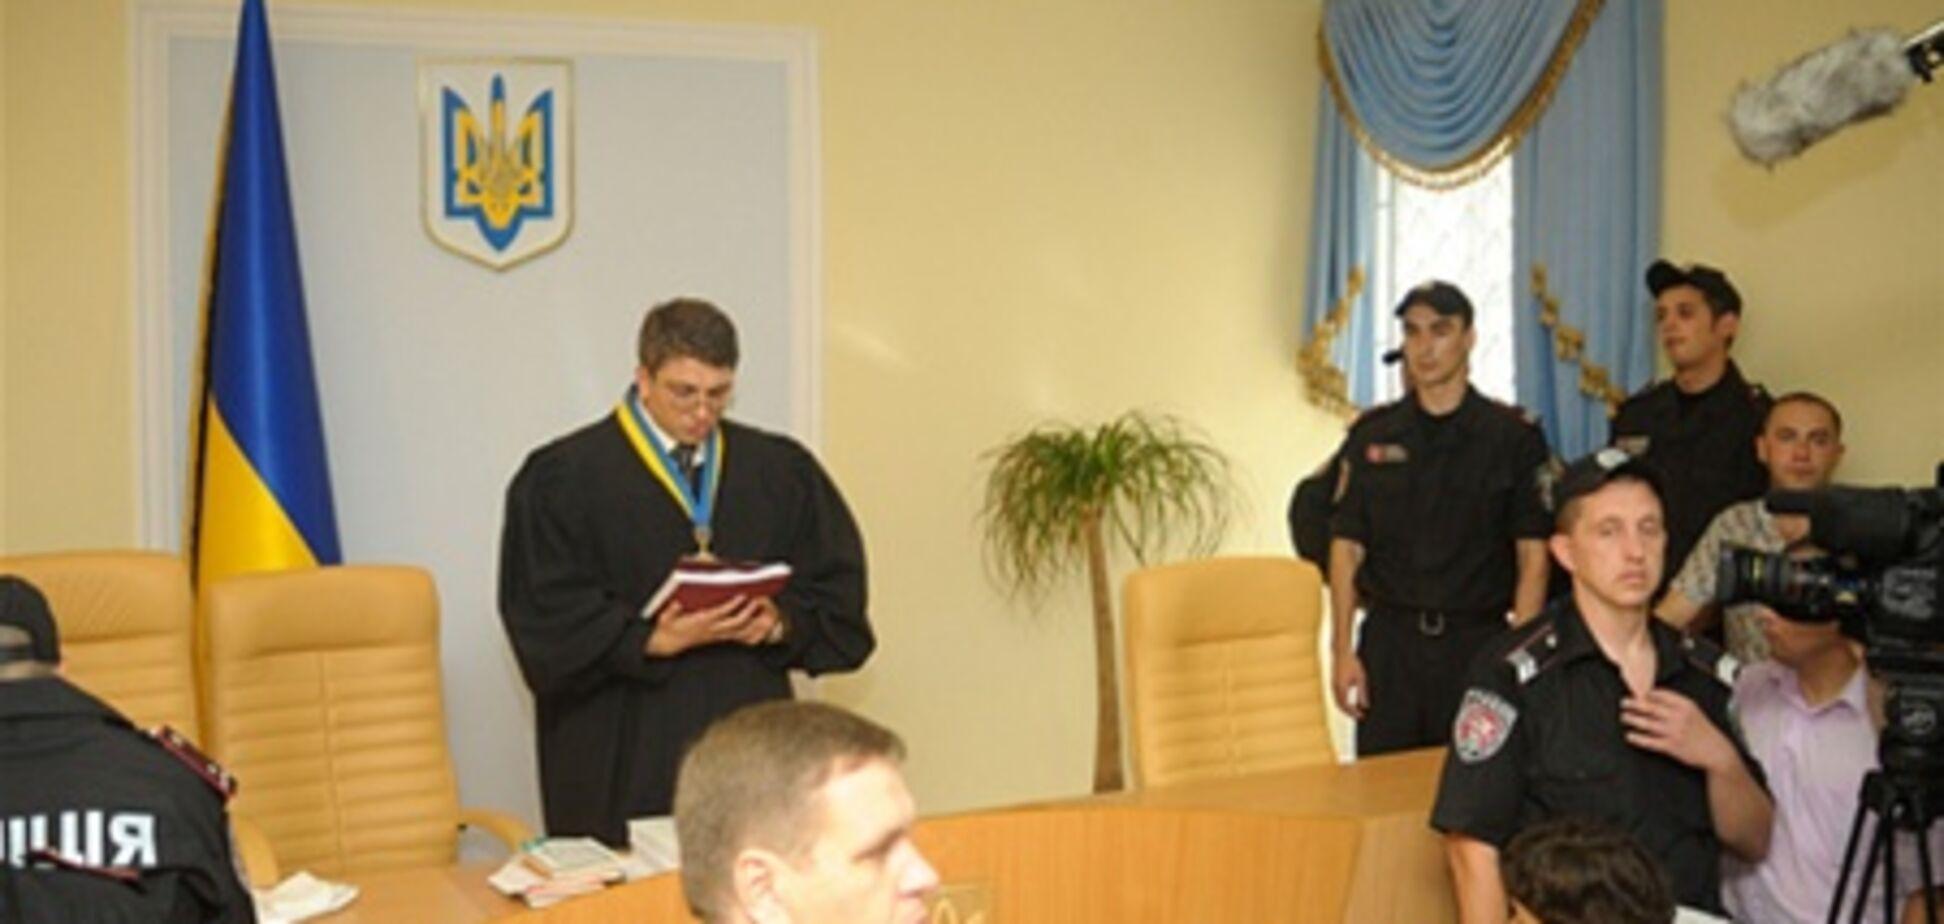 Суд не разрешил Власенко защищать Тимошенко